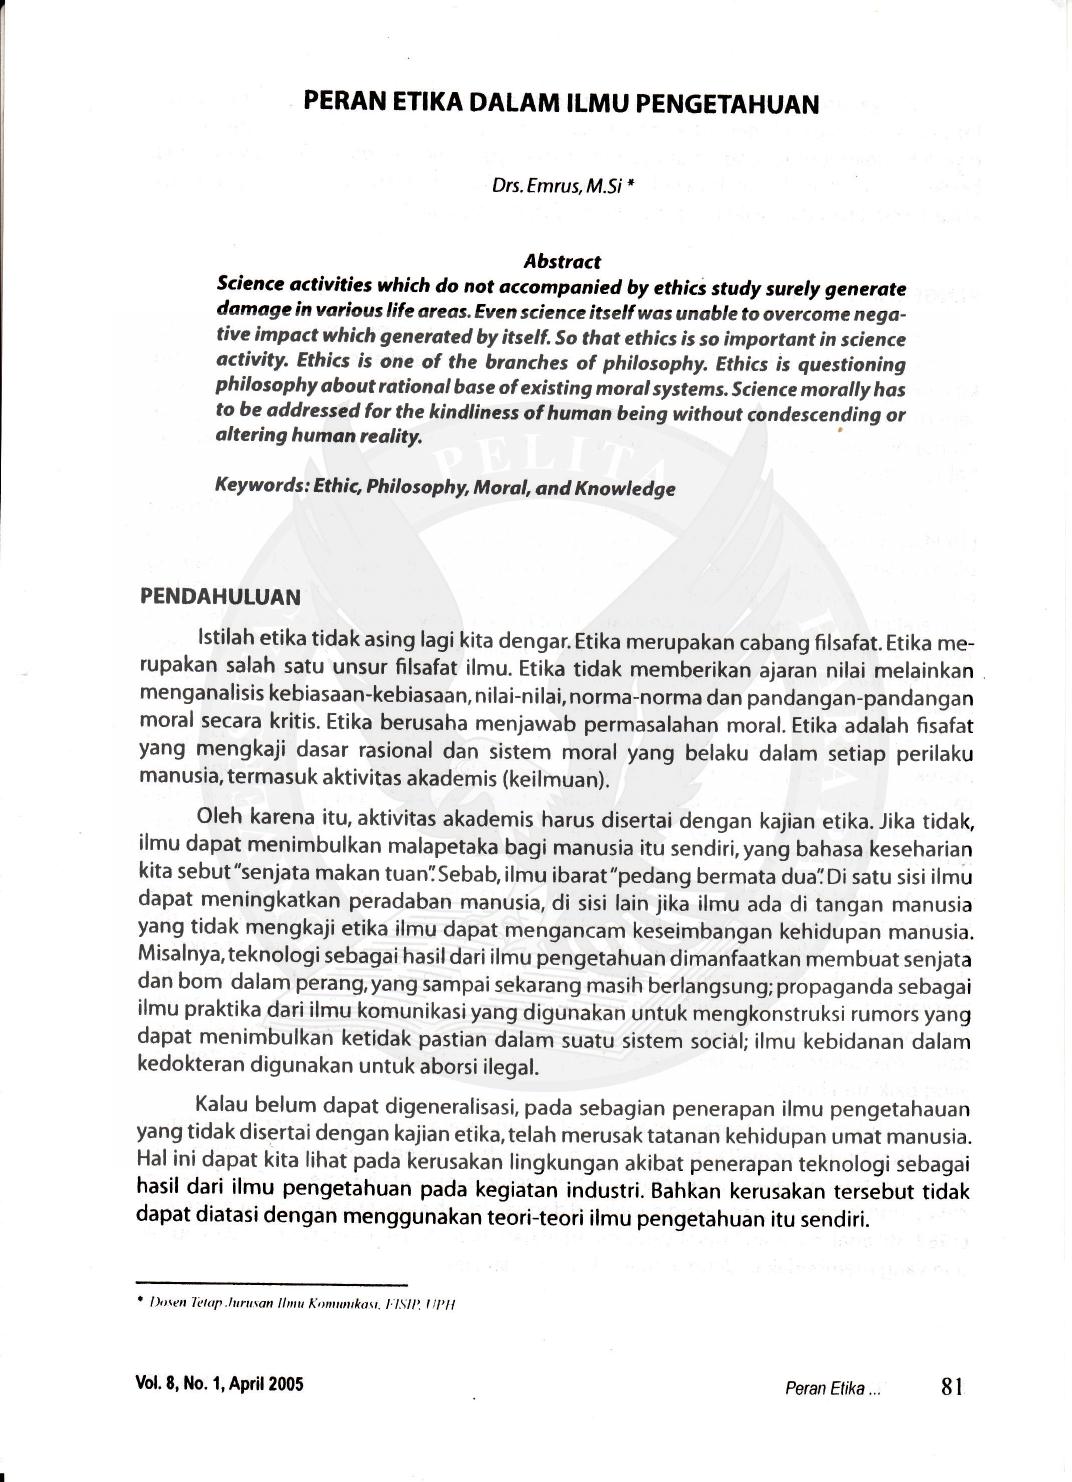 Peran Etika Dalam Ilmu Pengetahuan 8l